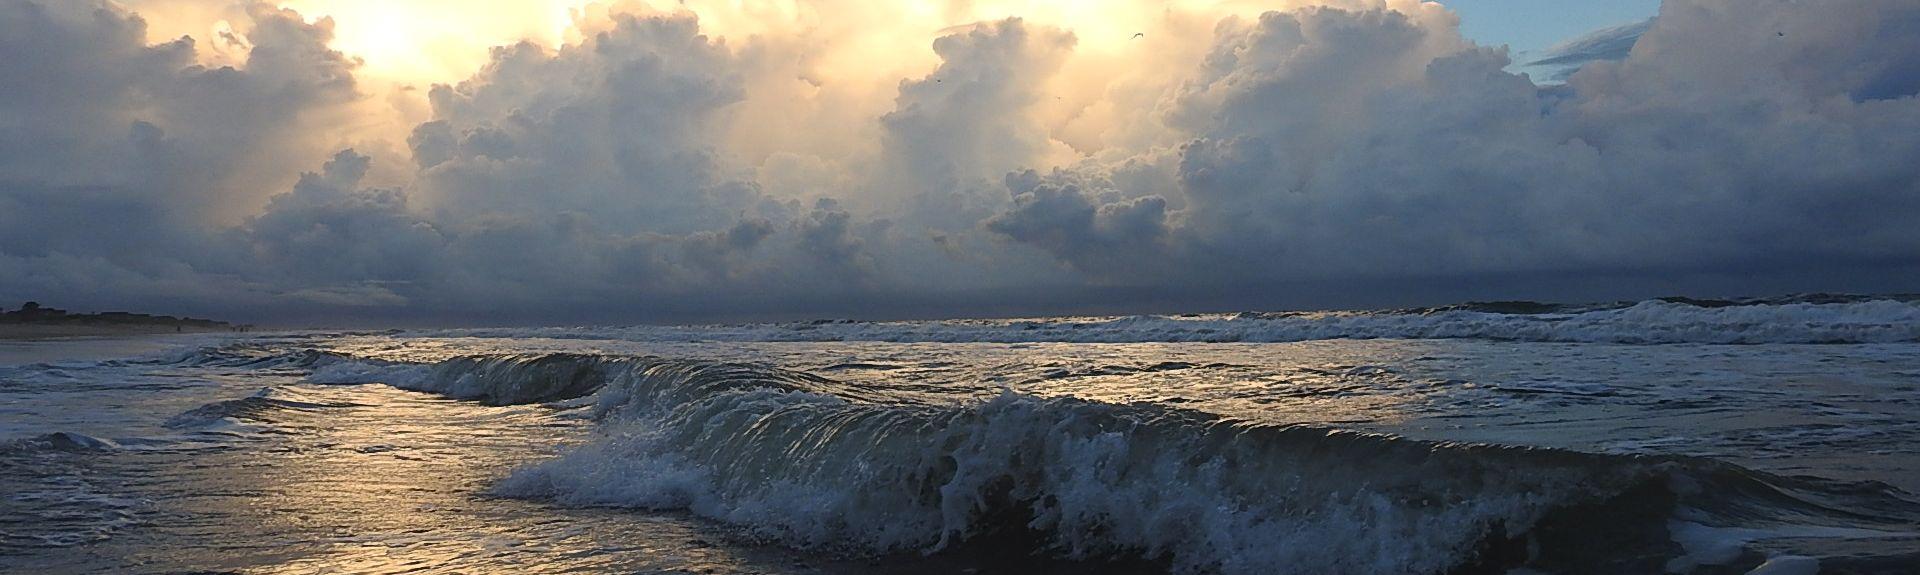 Cape Hatteras National Seashore, NC, USA